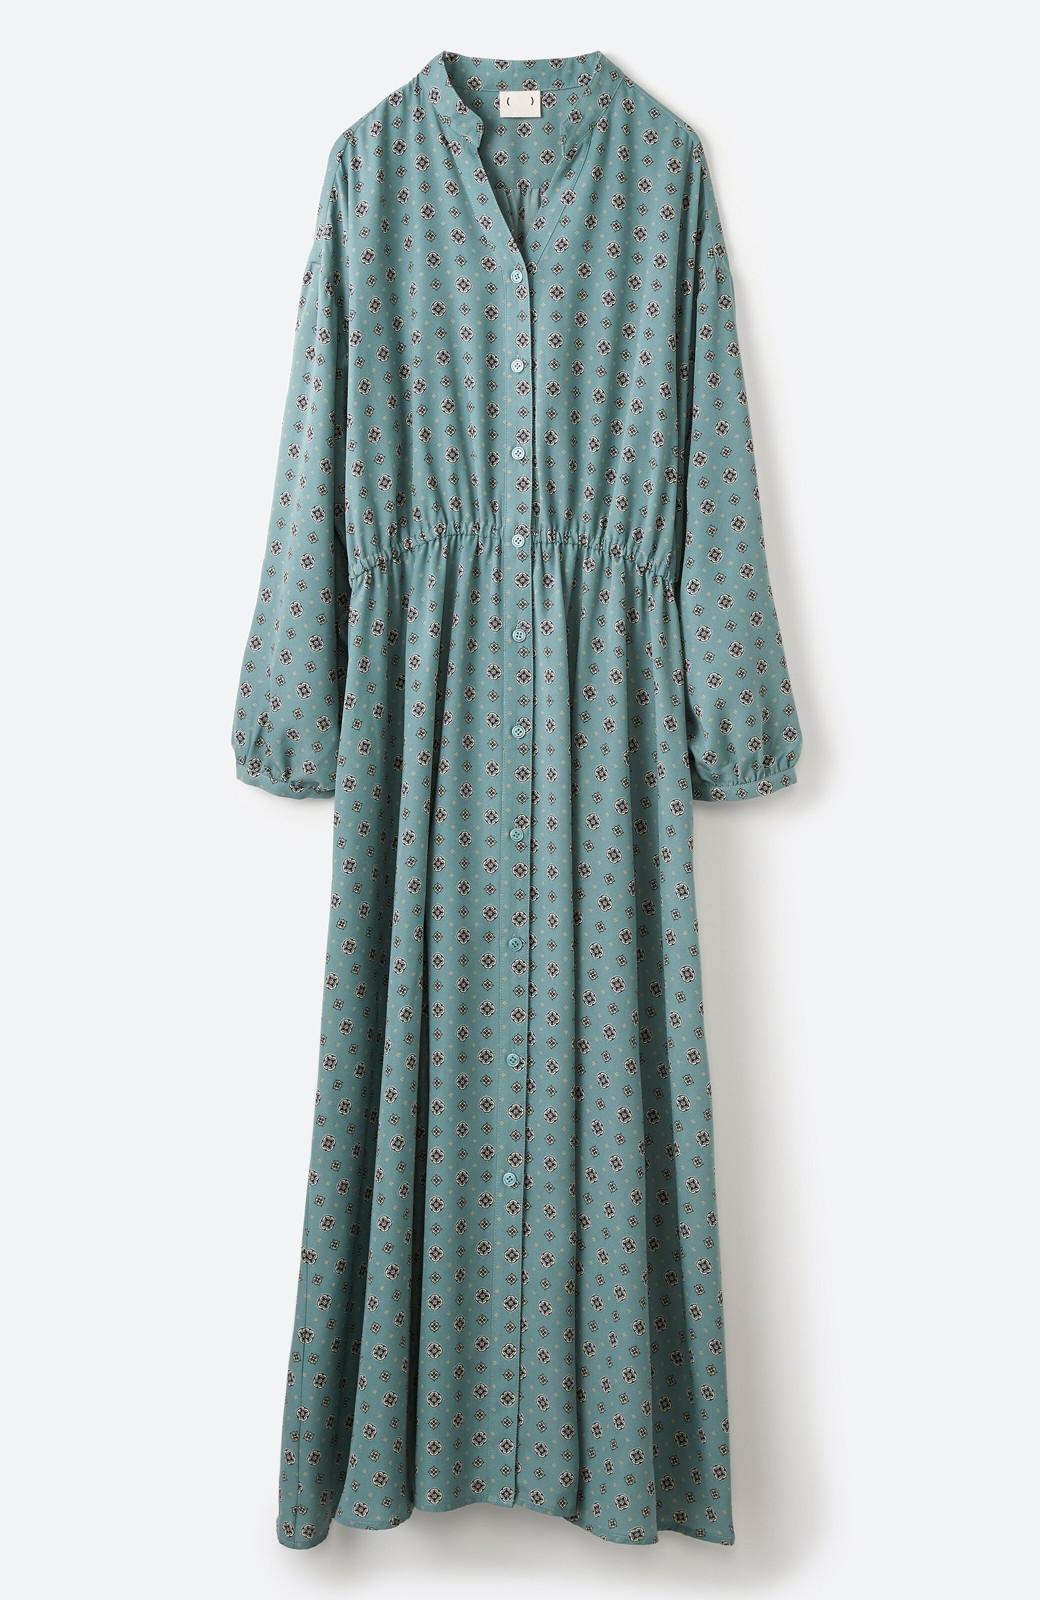 haco! コーデが華やいで気分も上がる 羽織りとしても便利な大人の雰囲気漂う小紋柄風ワンピース <ブルー>の商品写真18